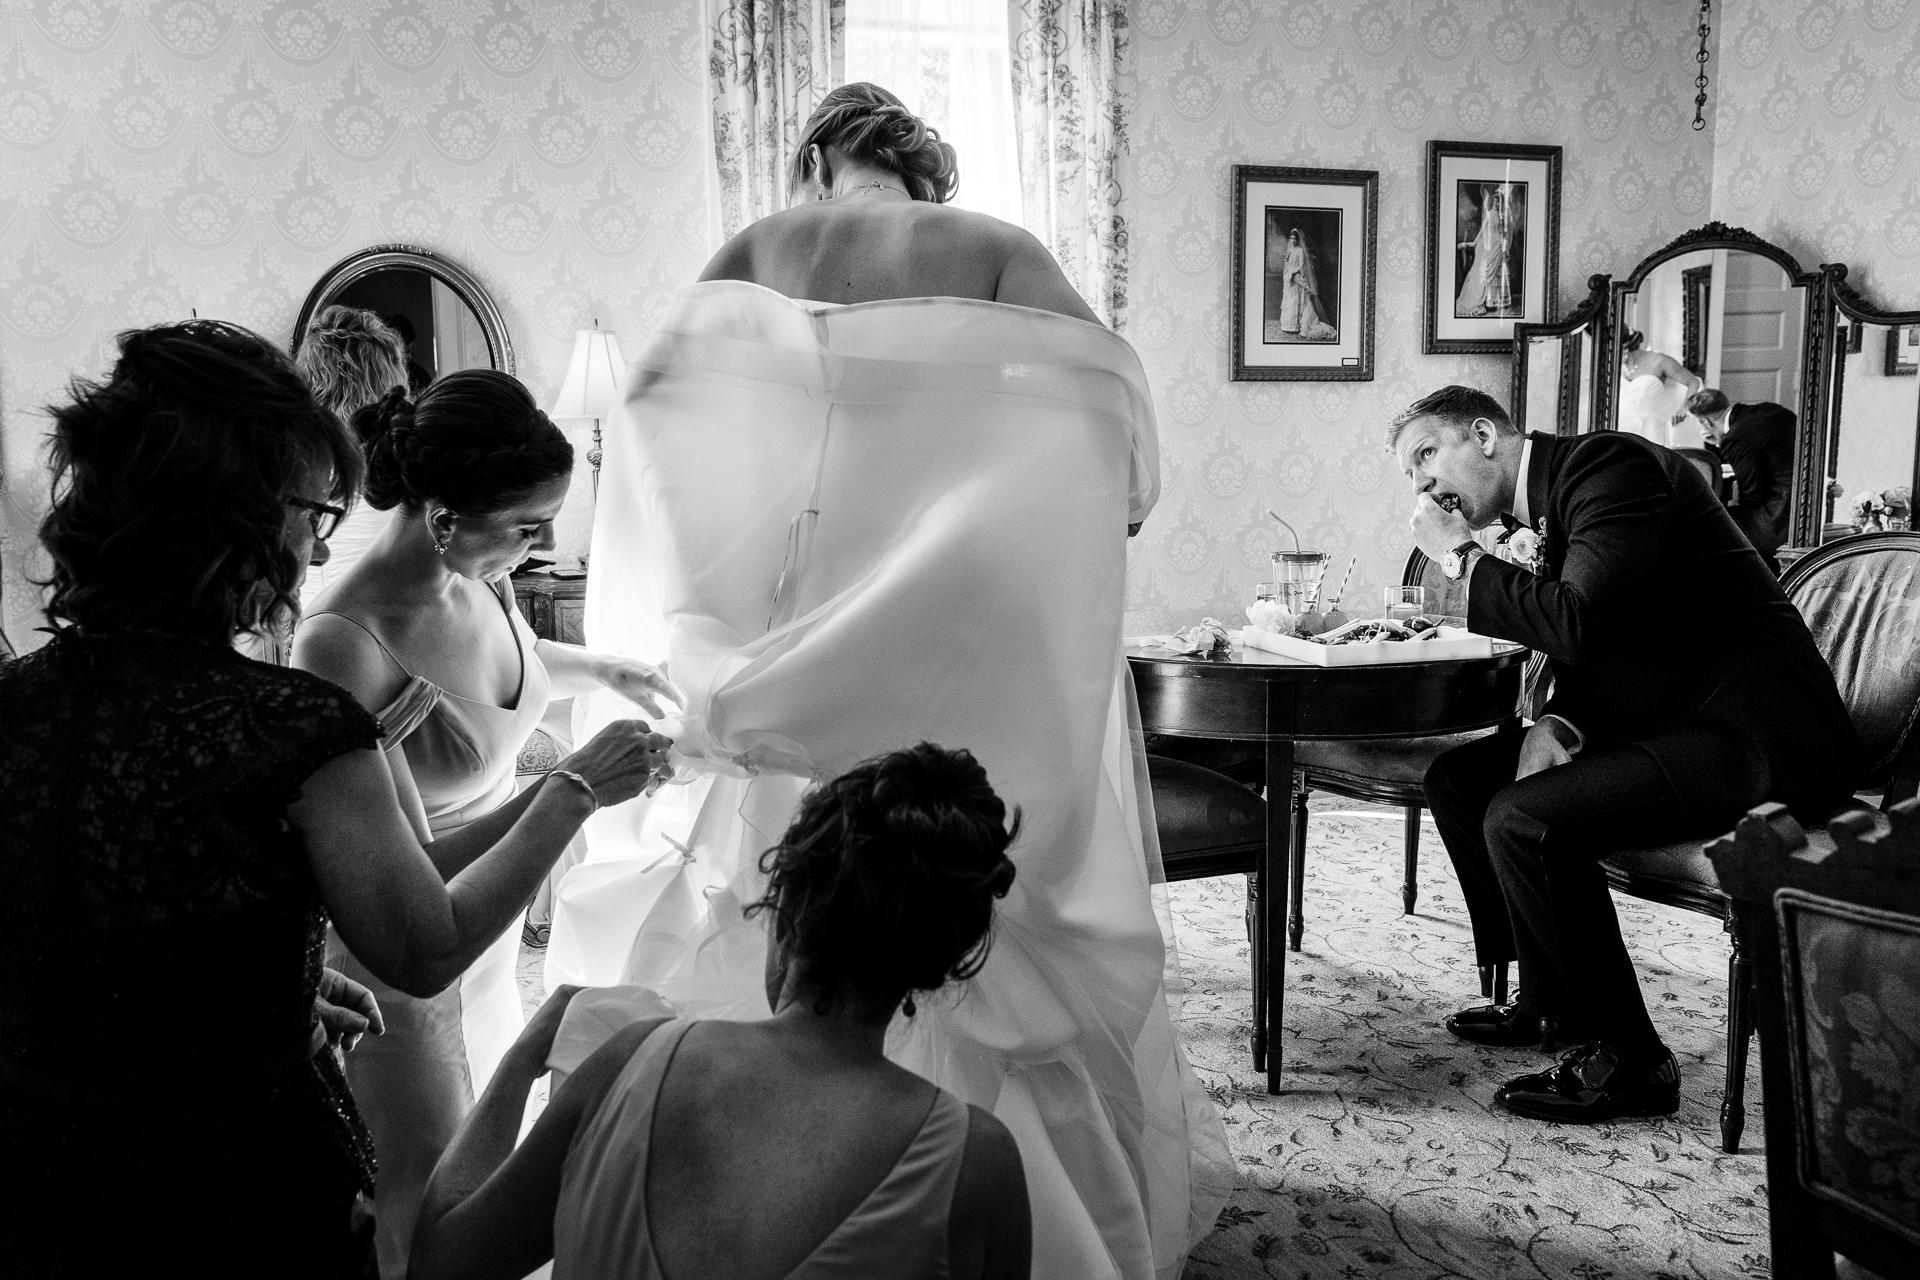 Hochzeitsfotografie von beschäftigt immer bereit szene | Das Bild des Bräutigams, der sich als Braut, Brautjungfern und Mutter amüsiert, versucht, sie für die Cocktailstunde in Trubel zu versetzen